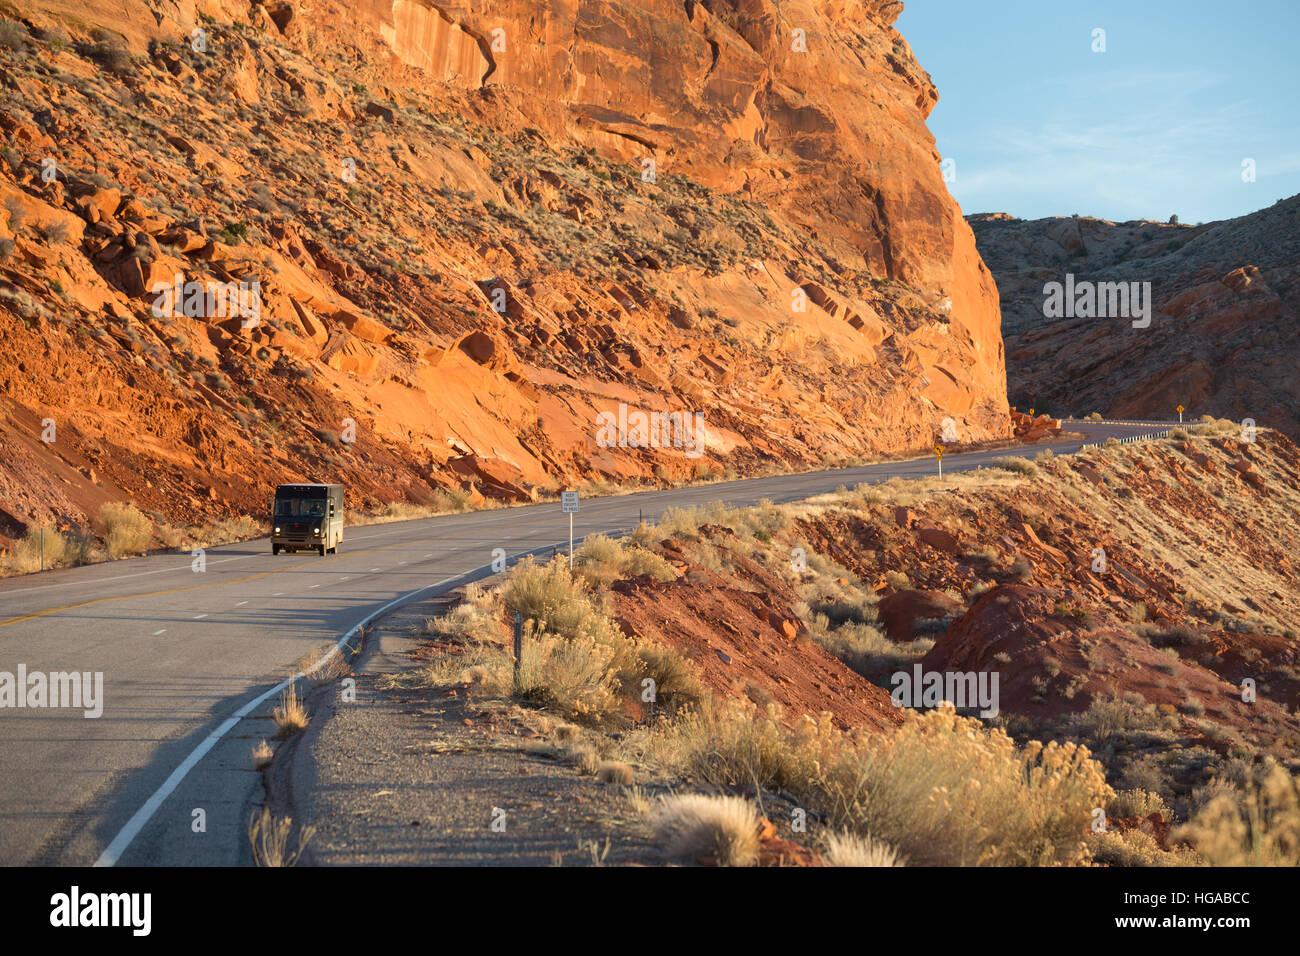 Bluff, Utah - una consegna UPS carrello su US Highway 163, attraversando il Comb Ridge negli orsi orecchie monumento Immagini Stock